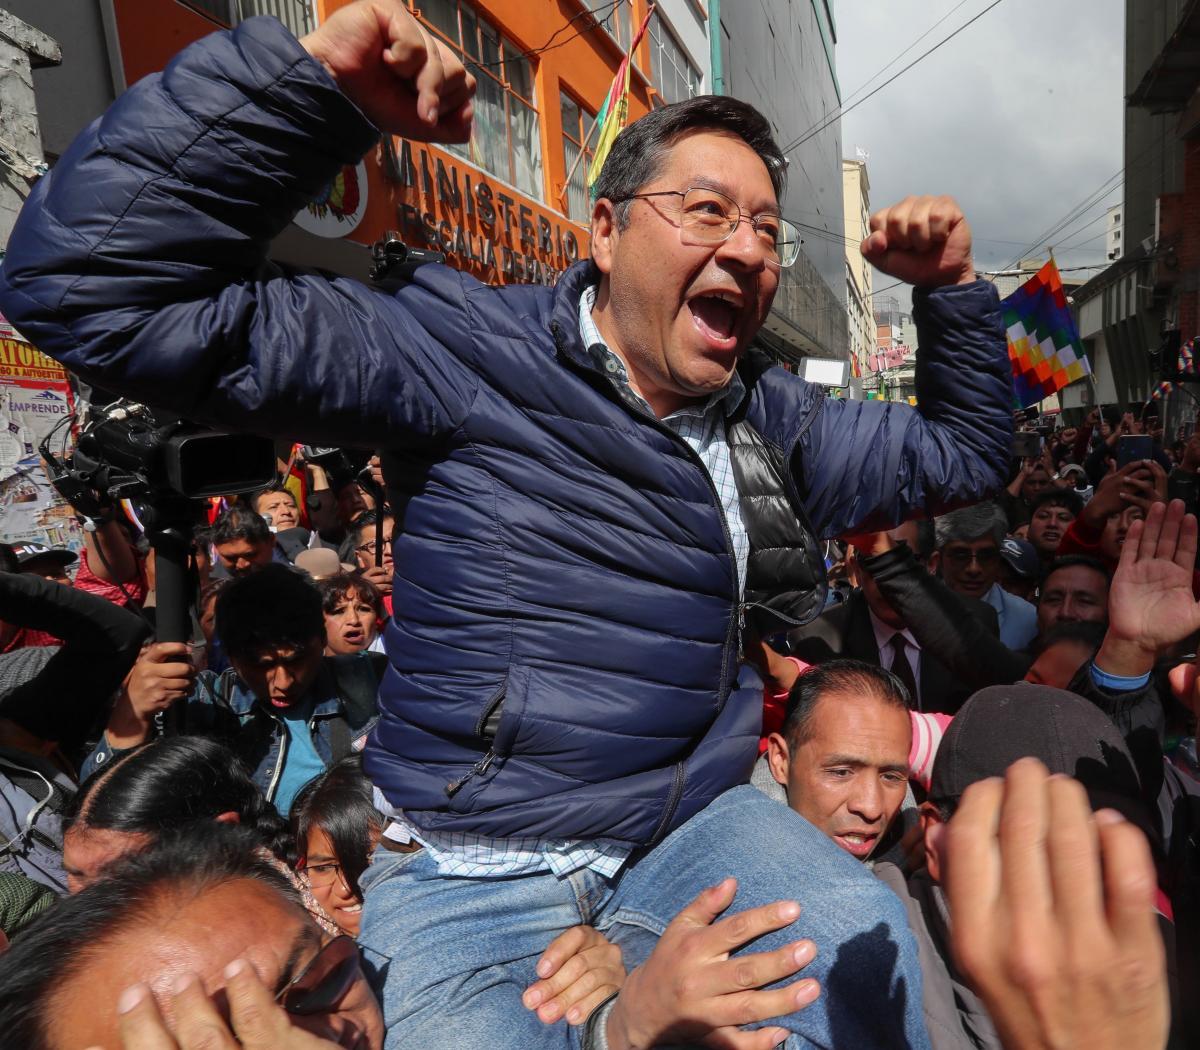 ¿Qué hará Arce para reconstruir la economía de Bolivia? Por Luis Hernández Navarro | Diaro La Jornada, México